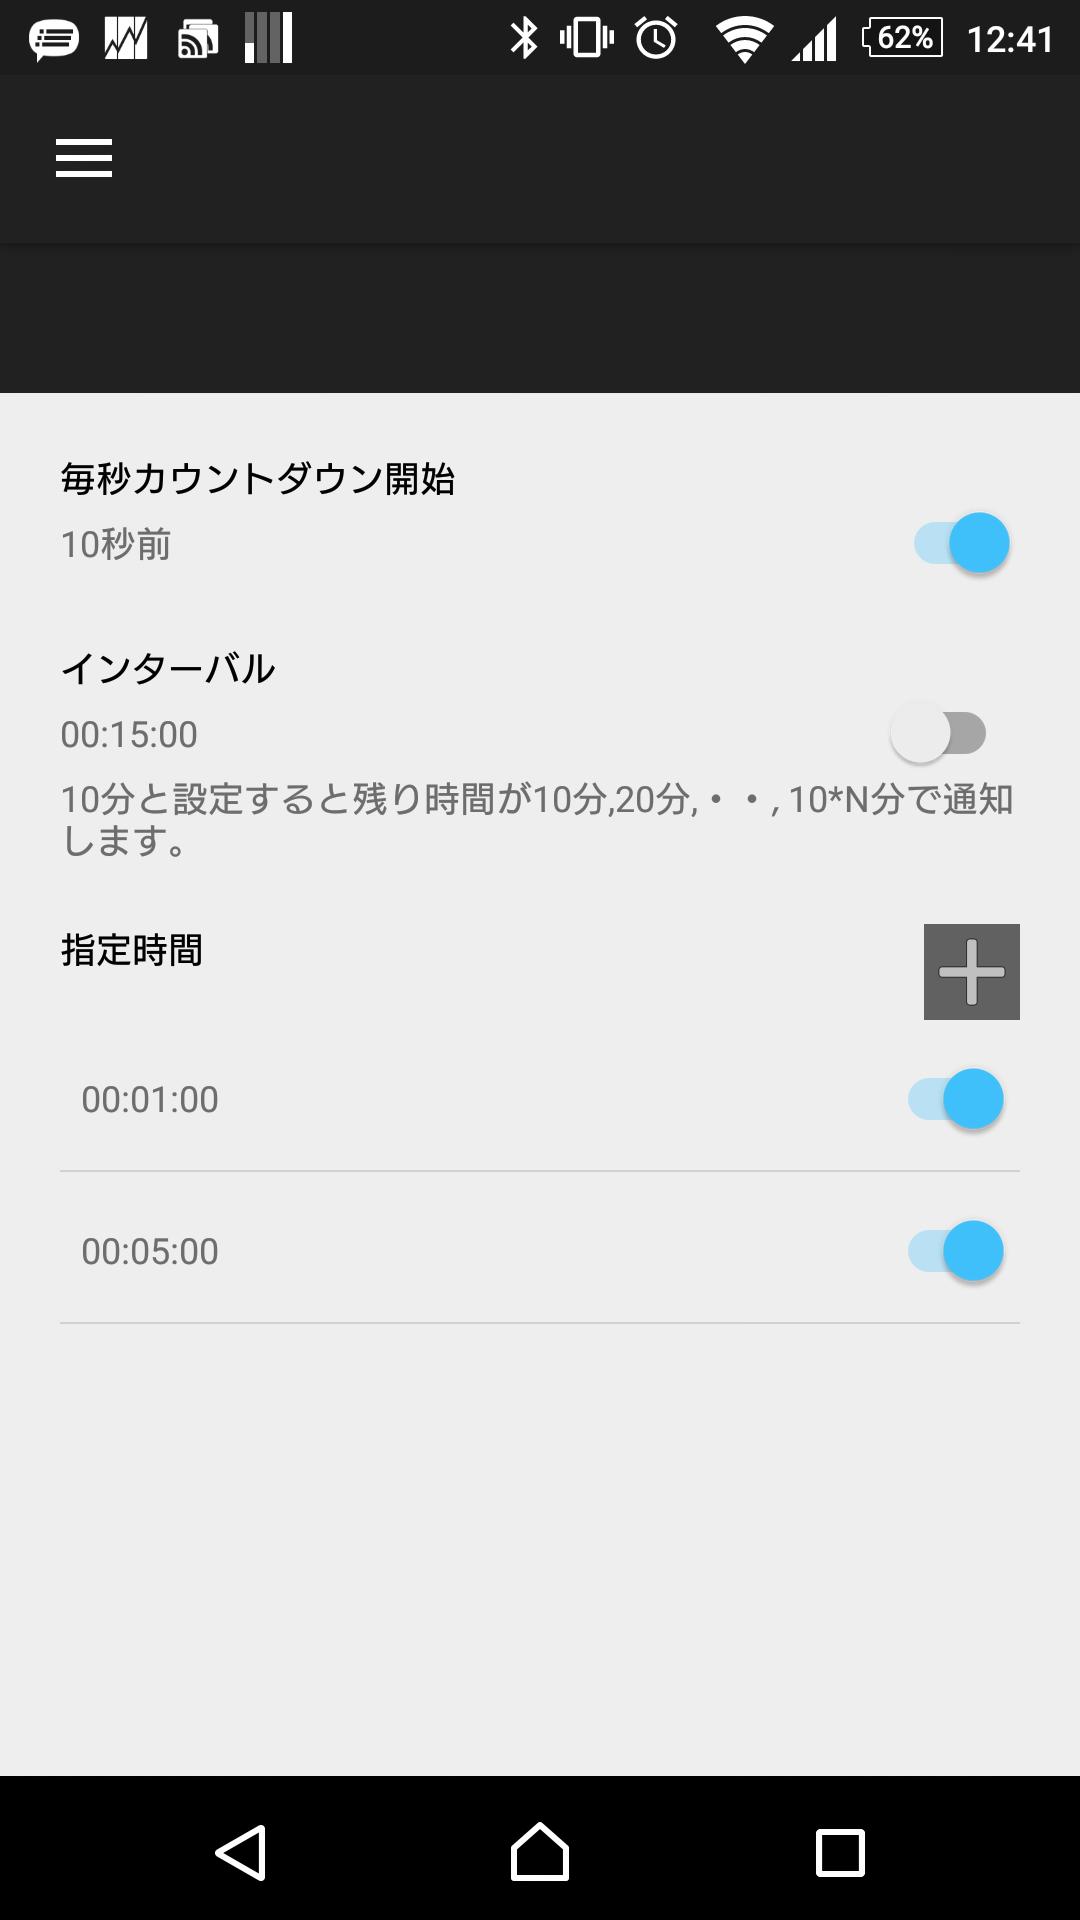 timeeeeer 1.6.0 通知タイミング